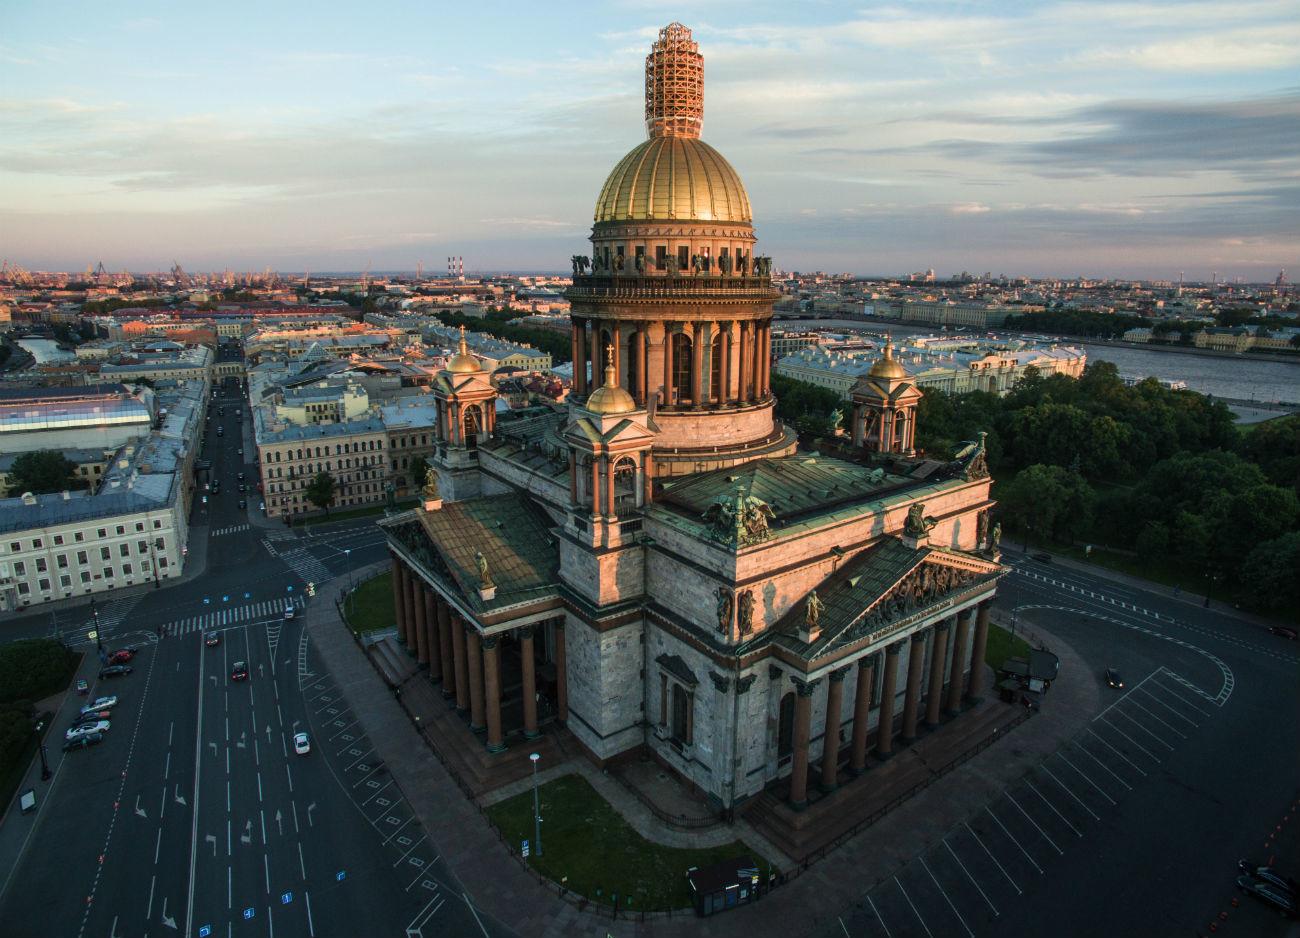 """Dalam 160 tahun terakhir, katedral ini dipuja oleh penyair dan penulis, yang terutama mengagumi ukurannya yang sangat besar. Penyair Fyodor Tyutchev menulis, """"Saya berdiri di dekat Neva, pandangan saya, tertuju pada raksasa Katedral Isaakievskiy. Kubah emasnya berkilau, menembus kabut-kabut dingin."""""""